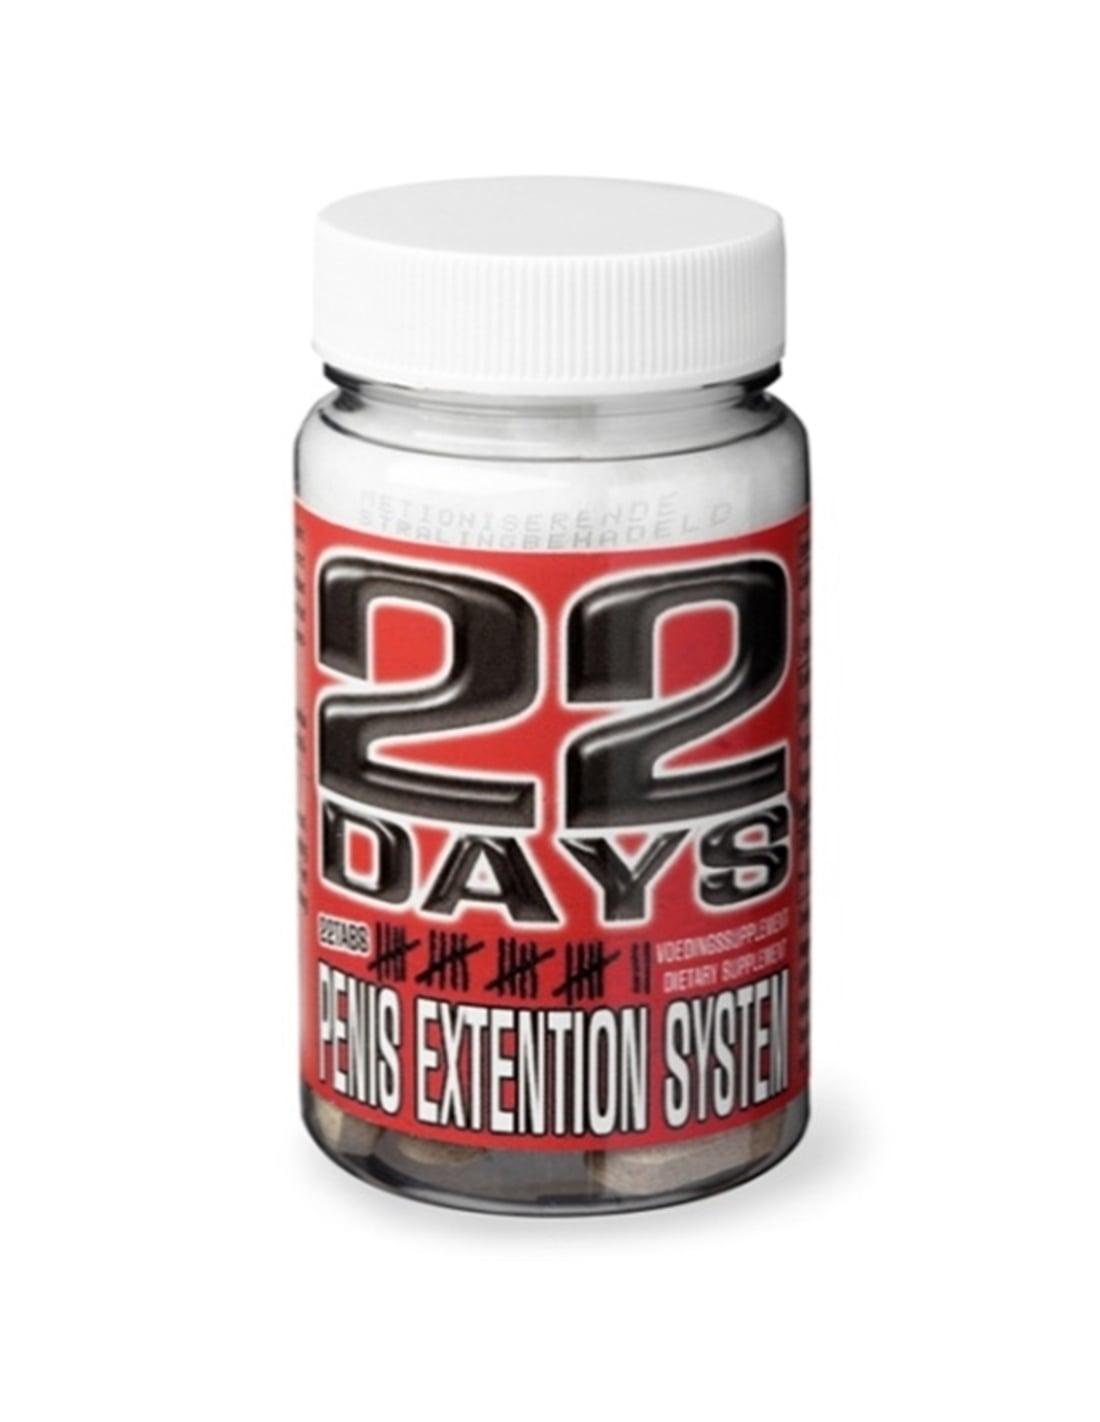 Comprimidos para Aumento do Pénis 22 Days Penis Extension System - PR2010319693